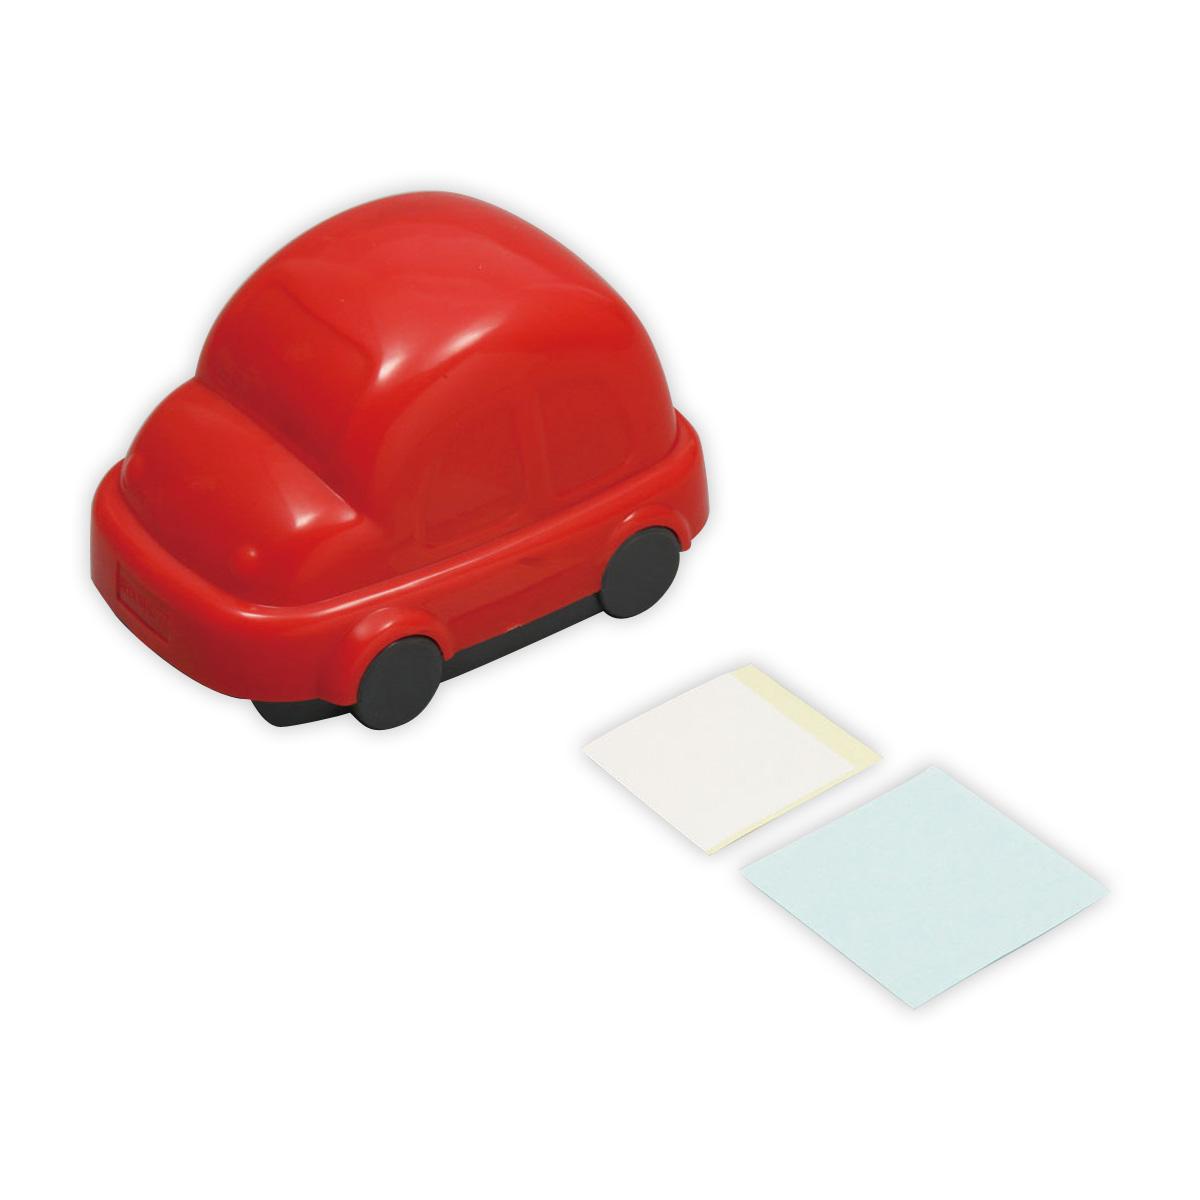 おえかきクリーナー 商品の色は選べません 工作 図工 キッズ 知育玩具 お絵かき クリスマスプレゼント